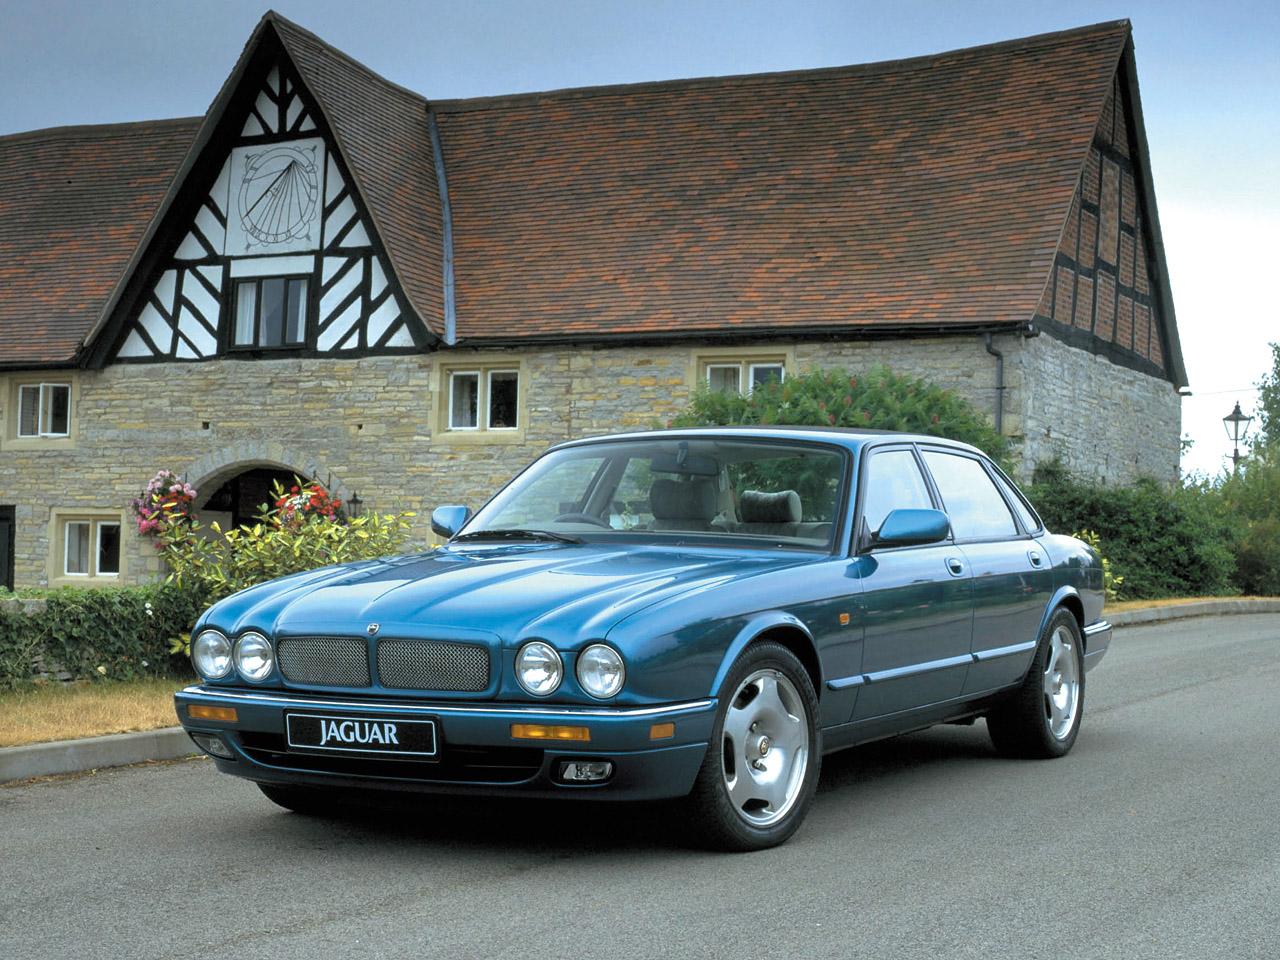 Jaguar Xjr Ii X300 1994 1997 Sedan Outstanding Cars 1999 Engine Specs 6